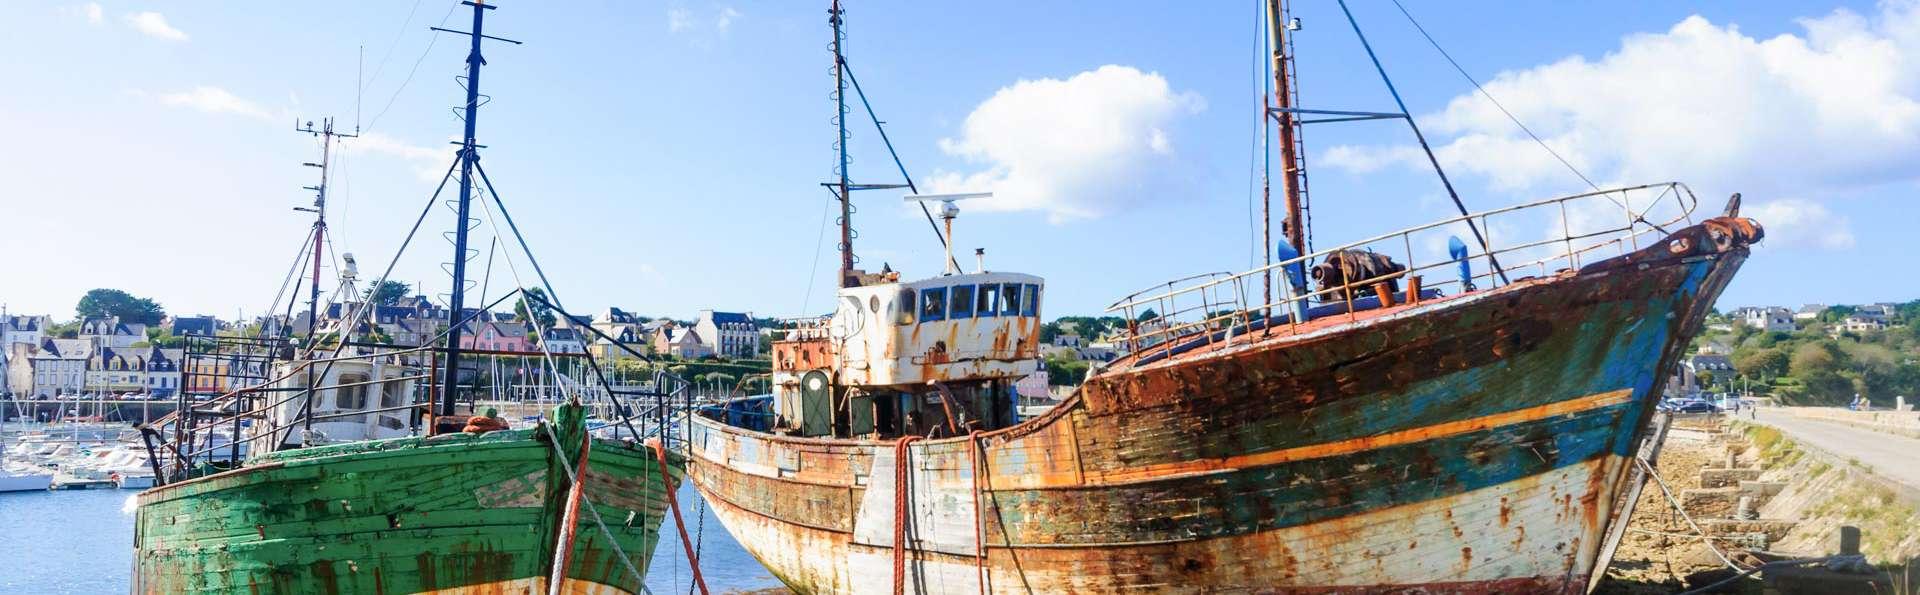 Séjour les pieds dans l'eau à Camaret-sur-Mer